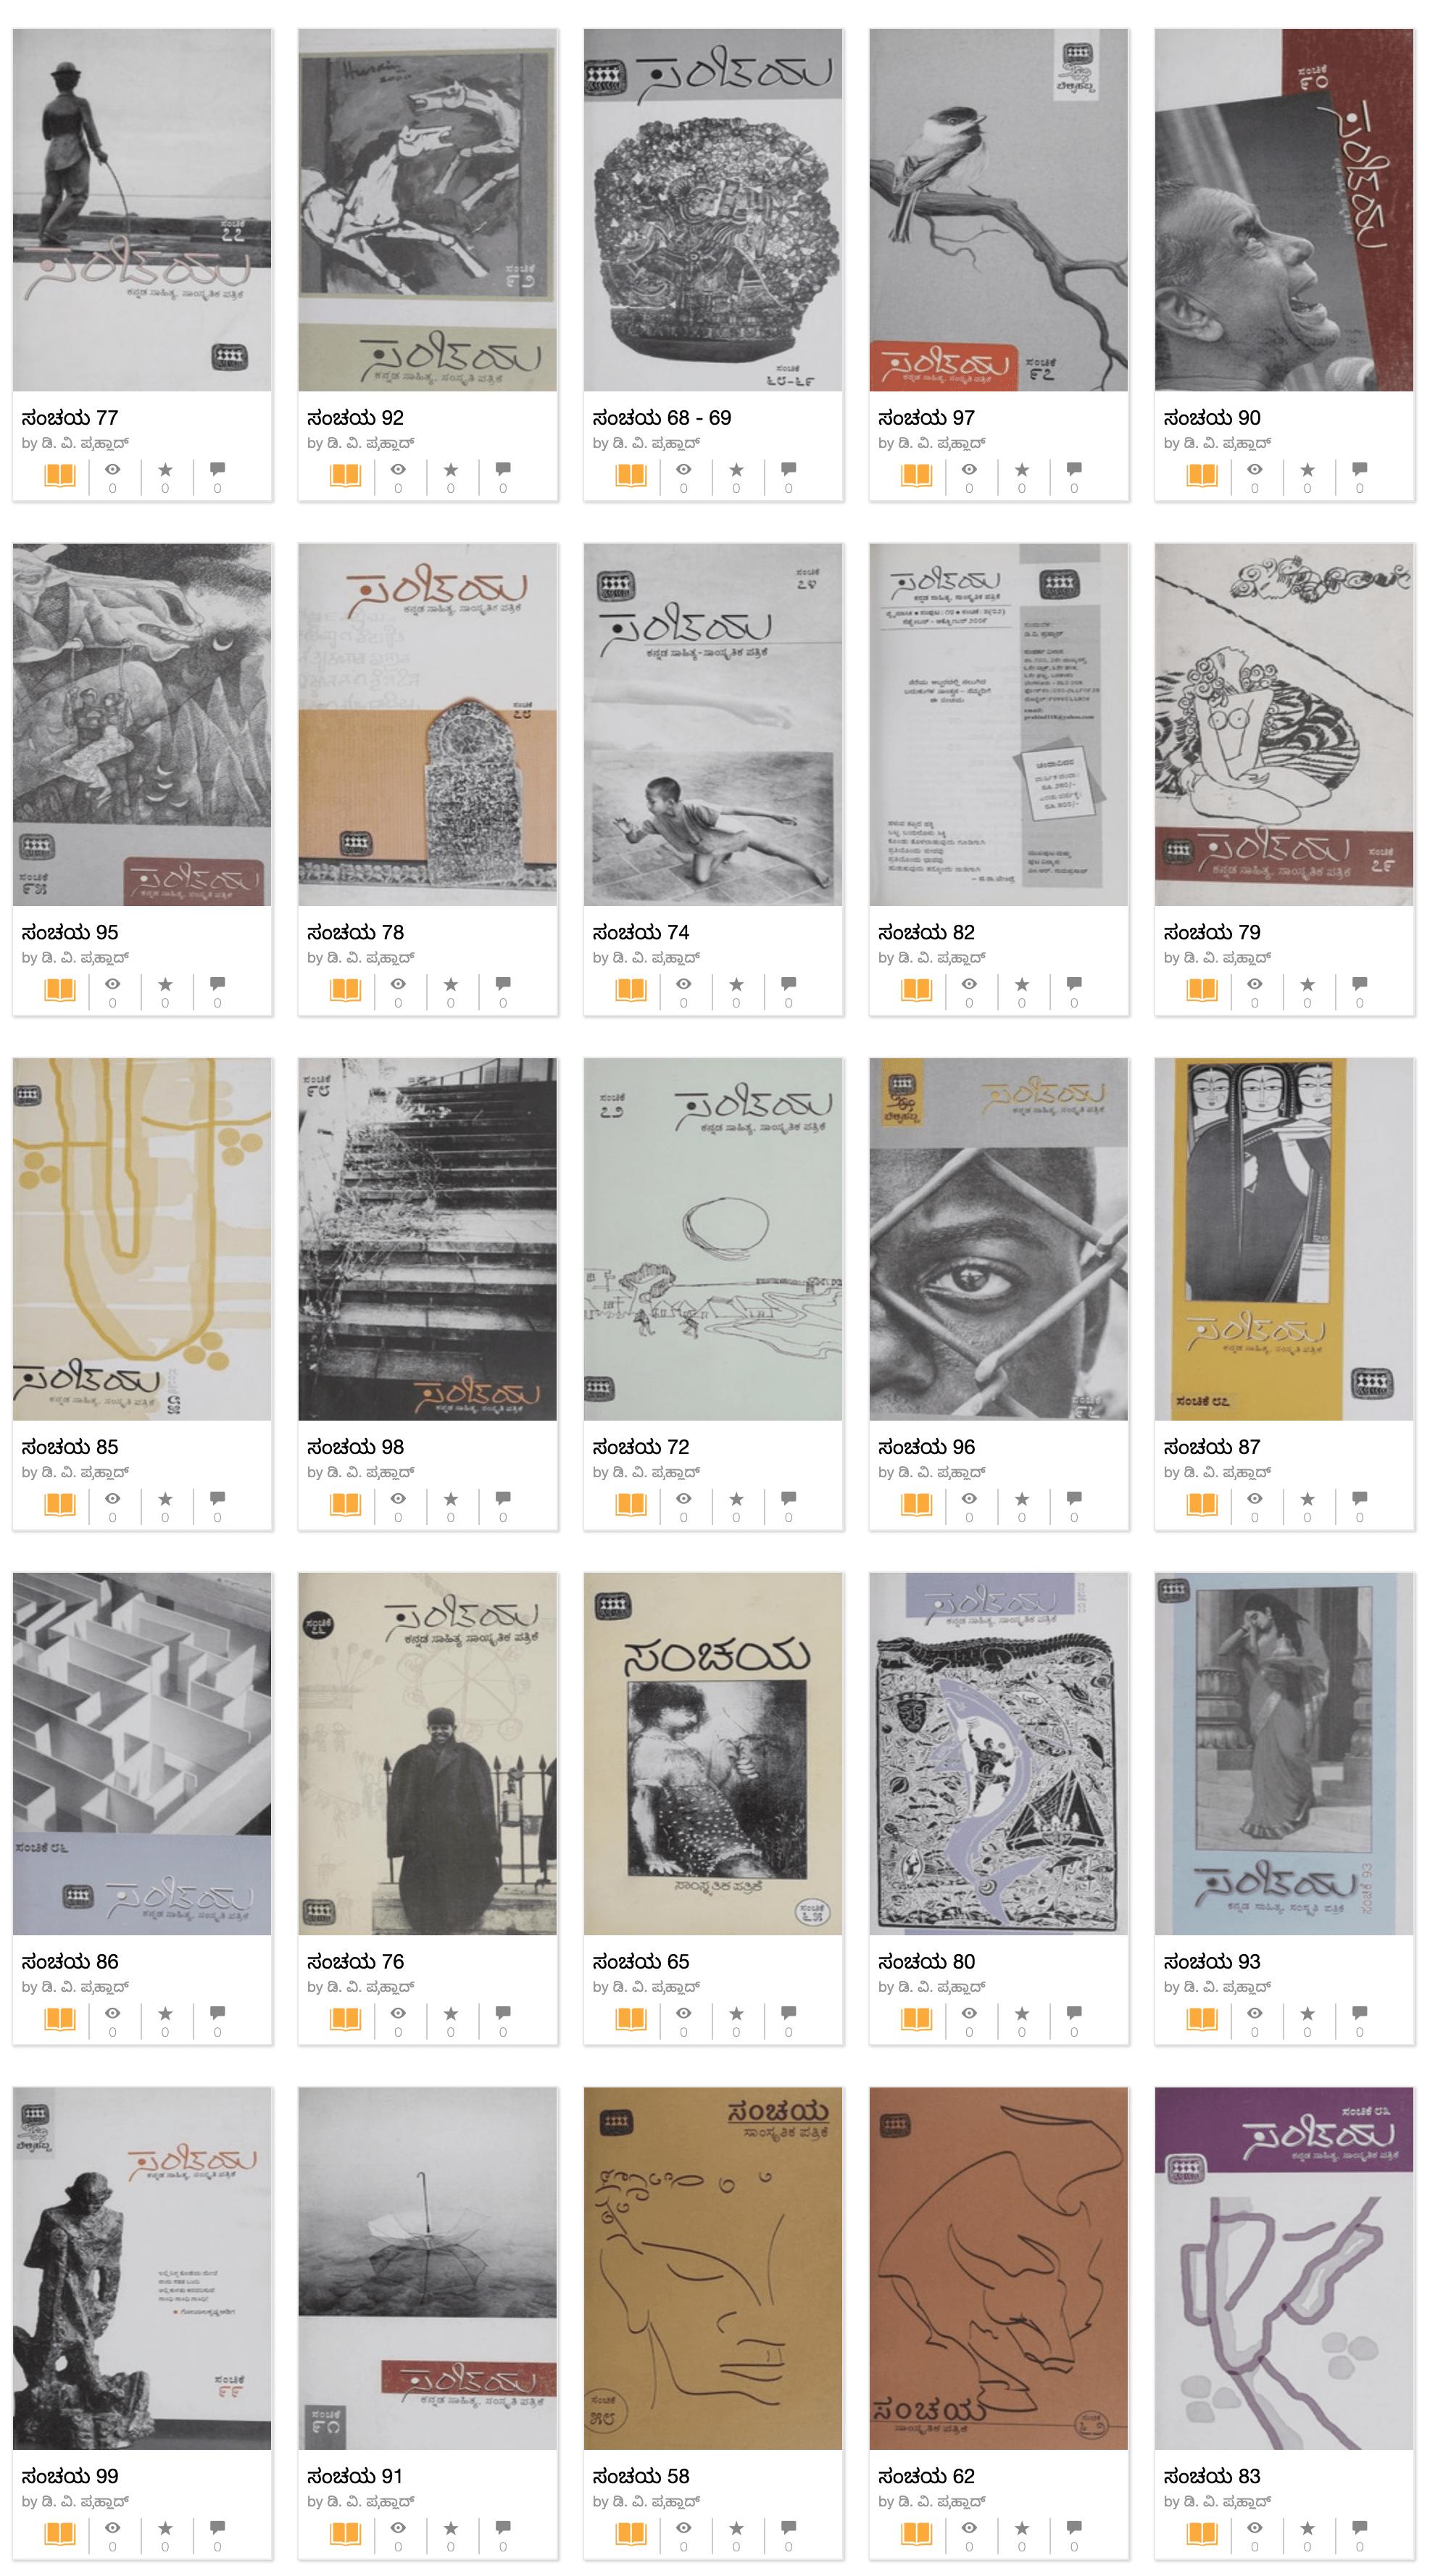 ಸಂಚಯ – ಕನ್ನಡ ಸಾಹಿತ್ಯ, ಸಾಂಸ್ಕೃತಿಕ ಪತ್ರಿಕೆ ಈಗ ಡಿಜಿಟಲ್ ರೂಪದಲ್ಲಿ